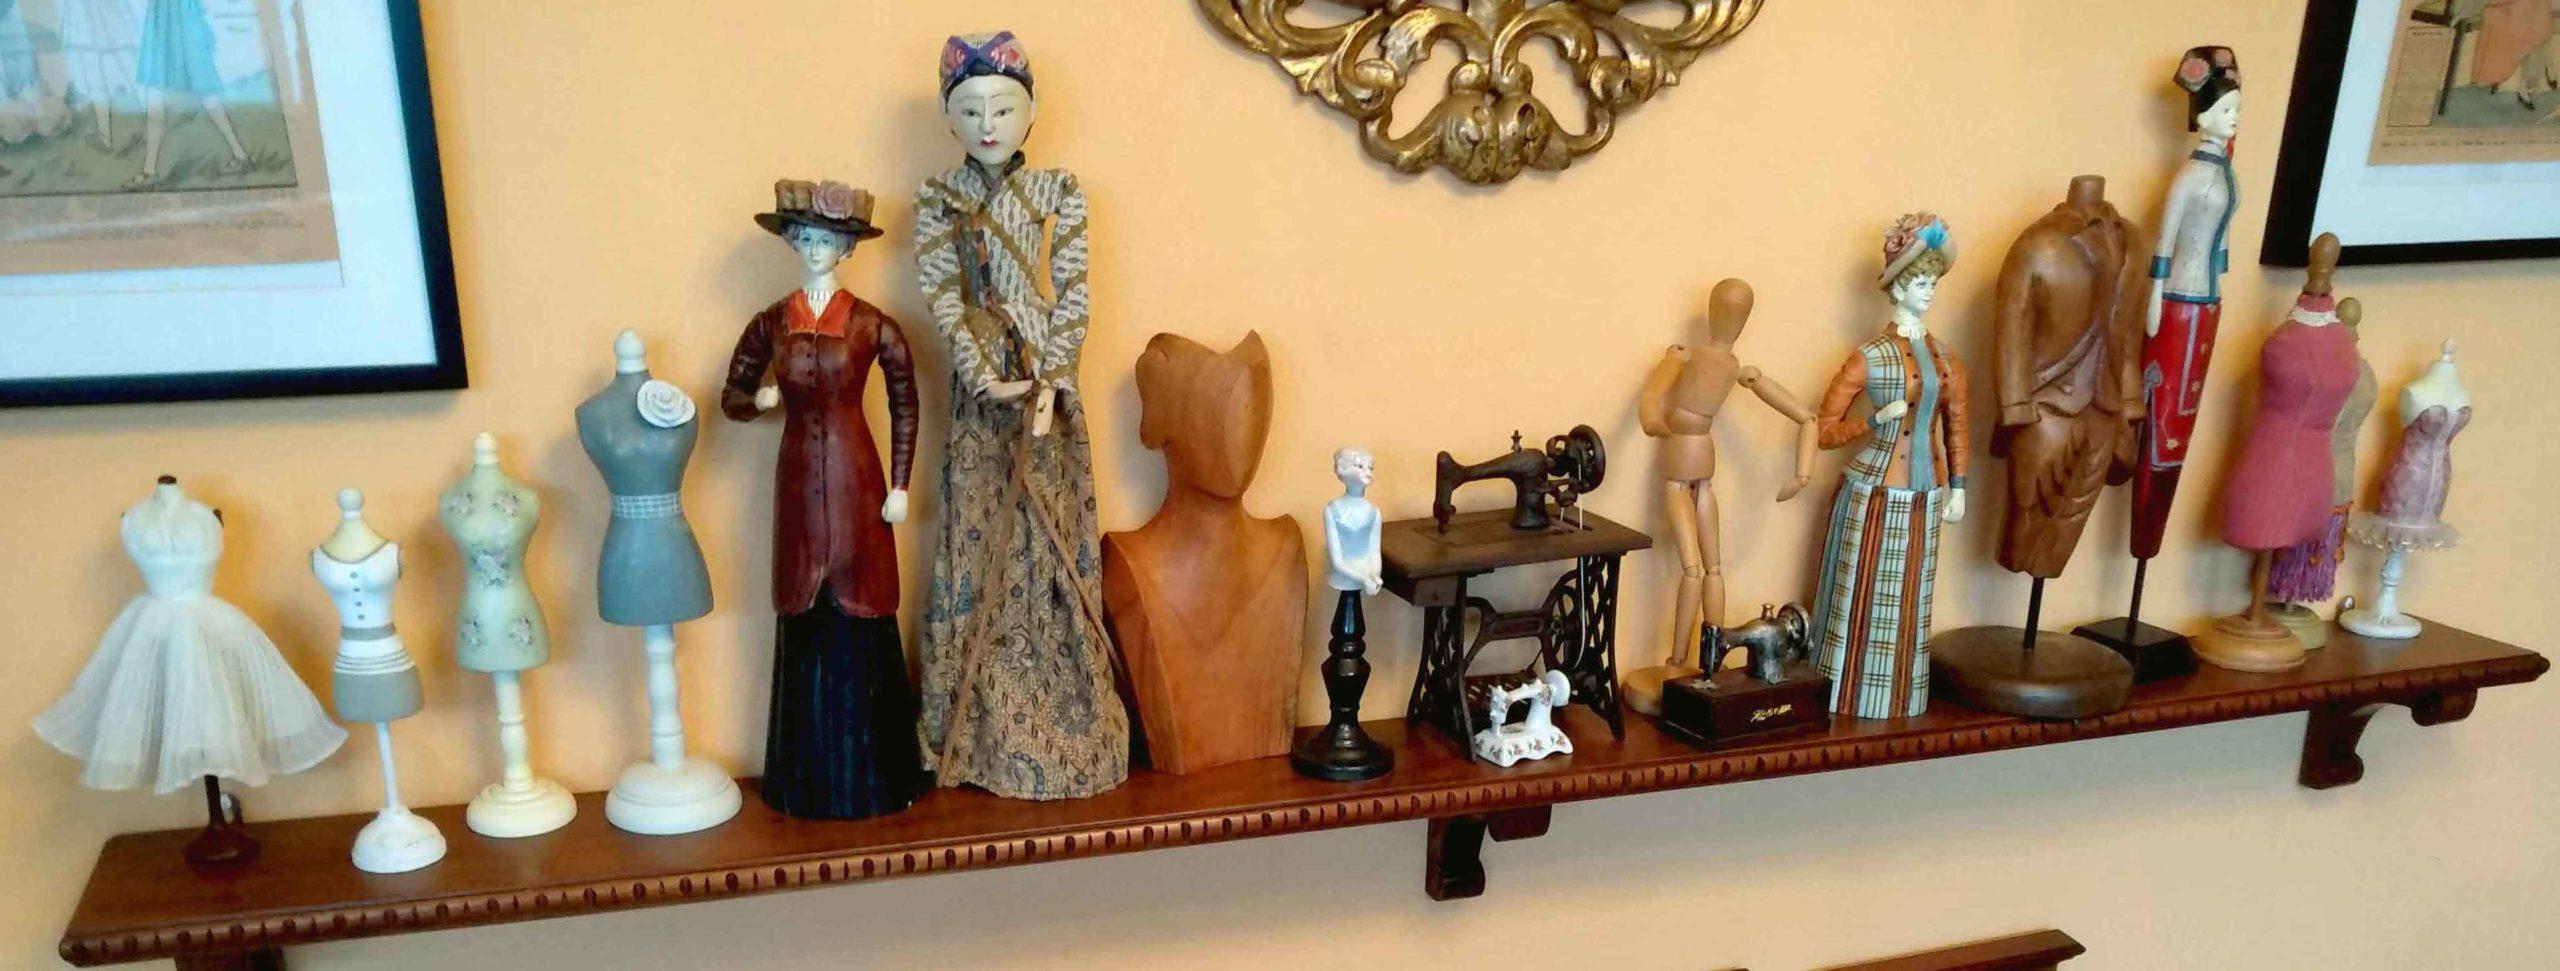 coleccion maniquies hotel hoteles cudillero